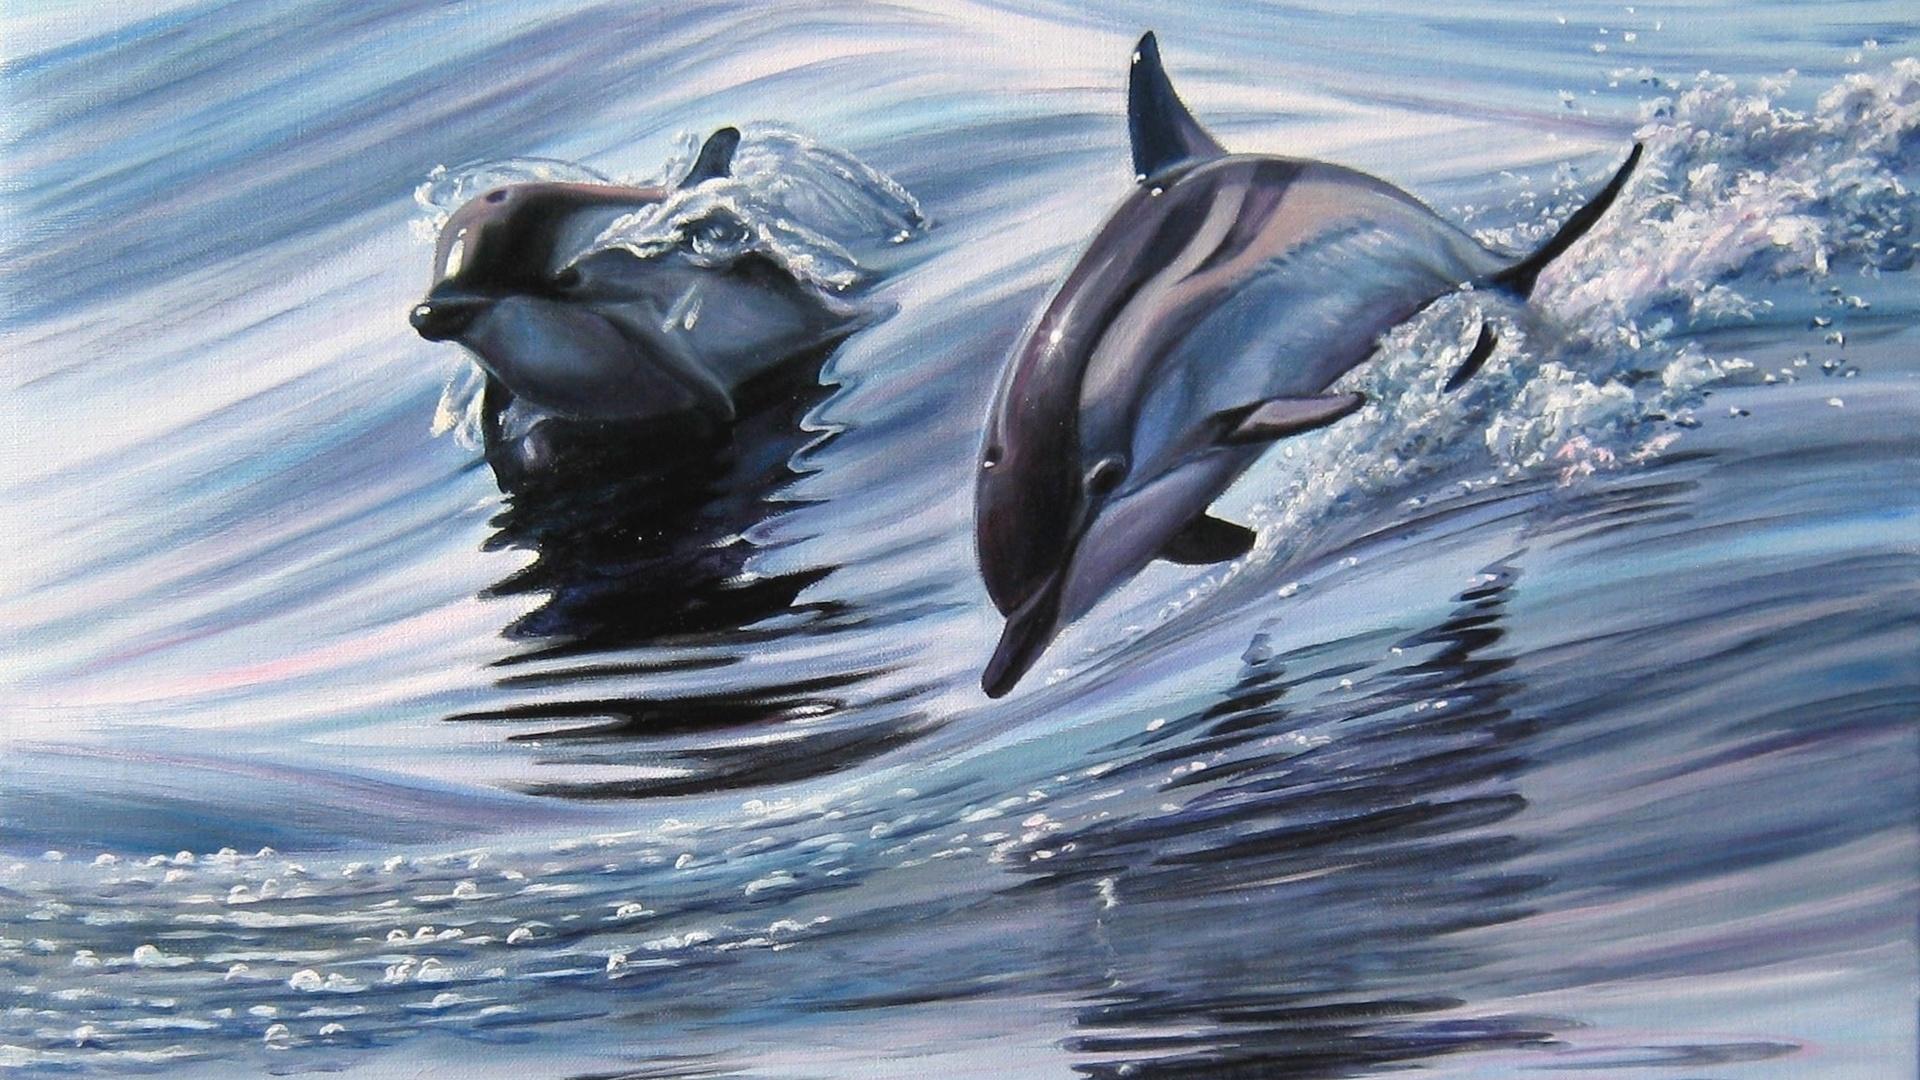 Картинки диванов еврокнижка и дельфин обычно при